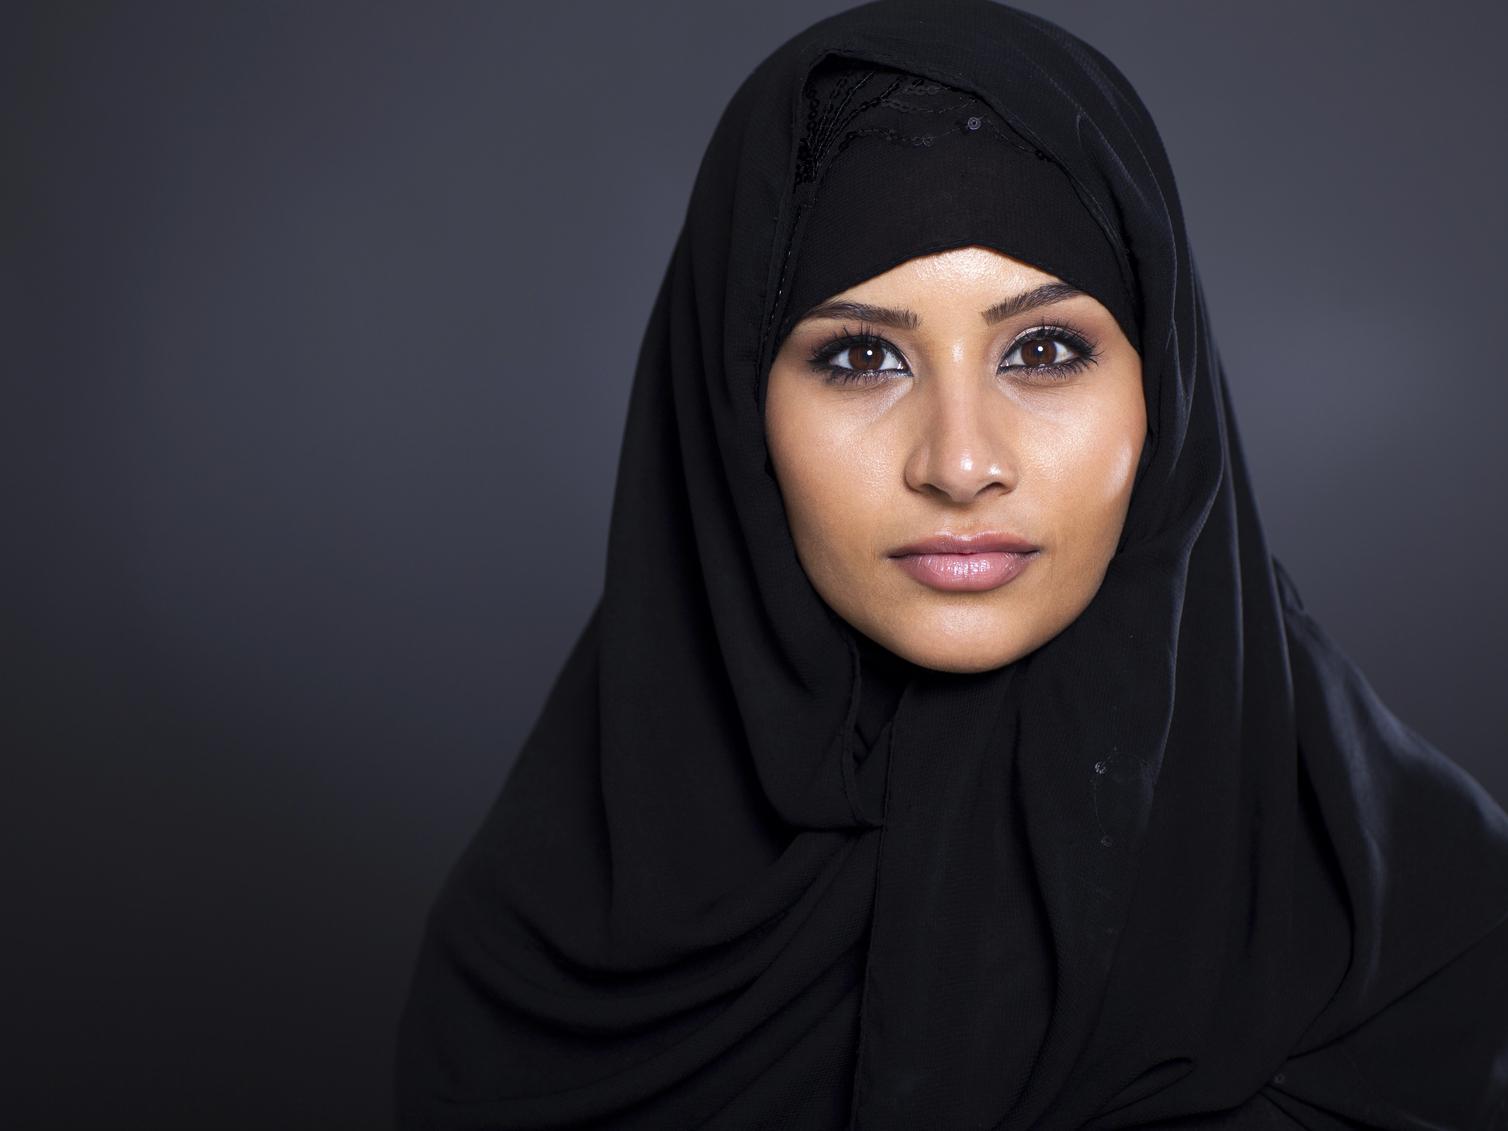 La libert delle donne mussulmane le barriere dello - Perche le donne musulmane portano il velo ...